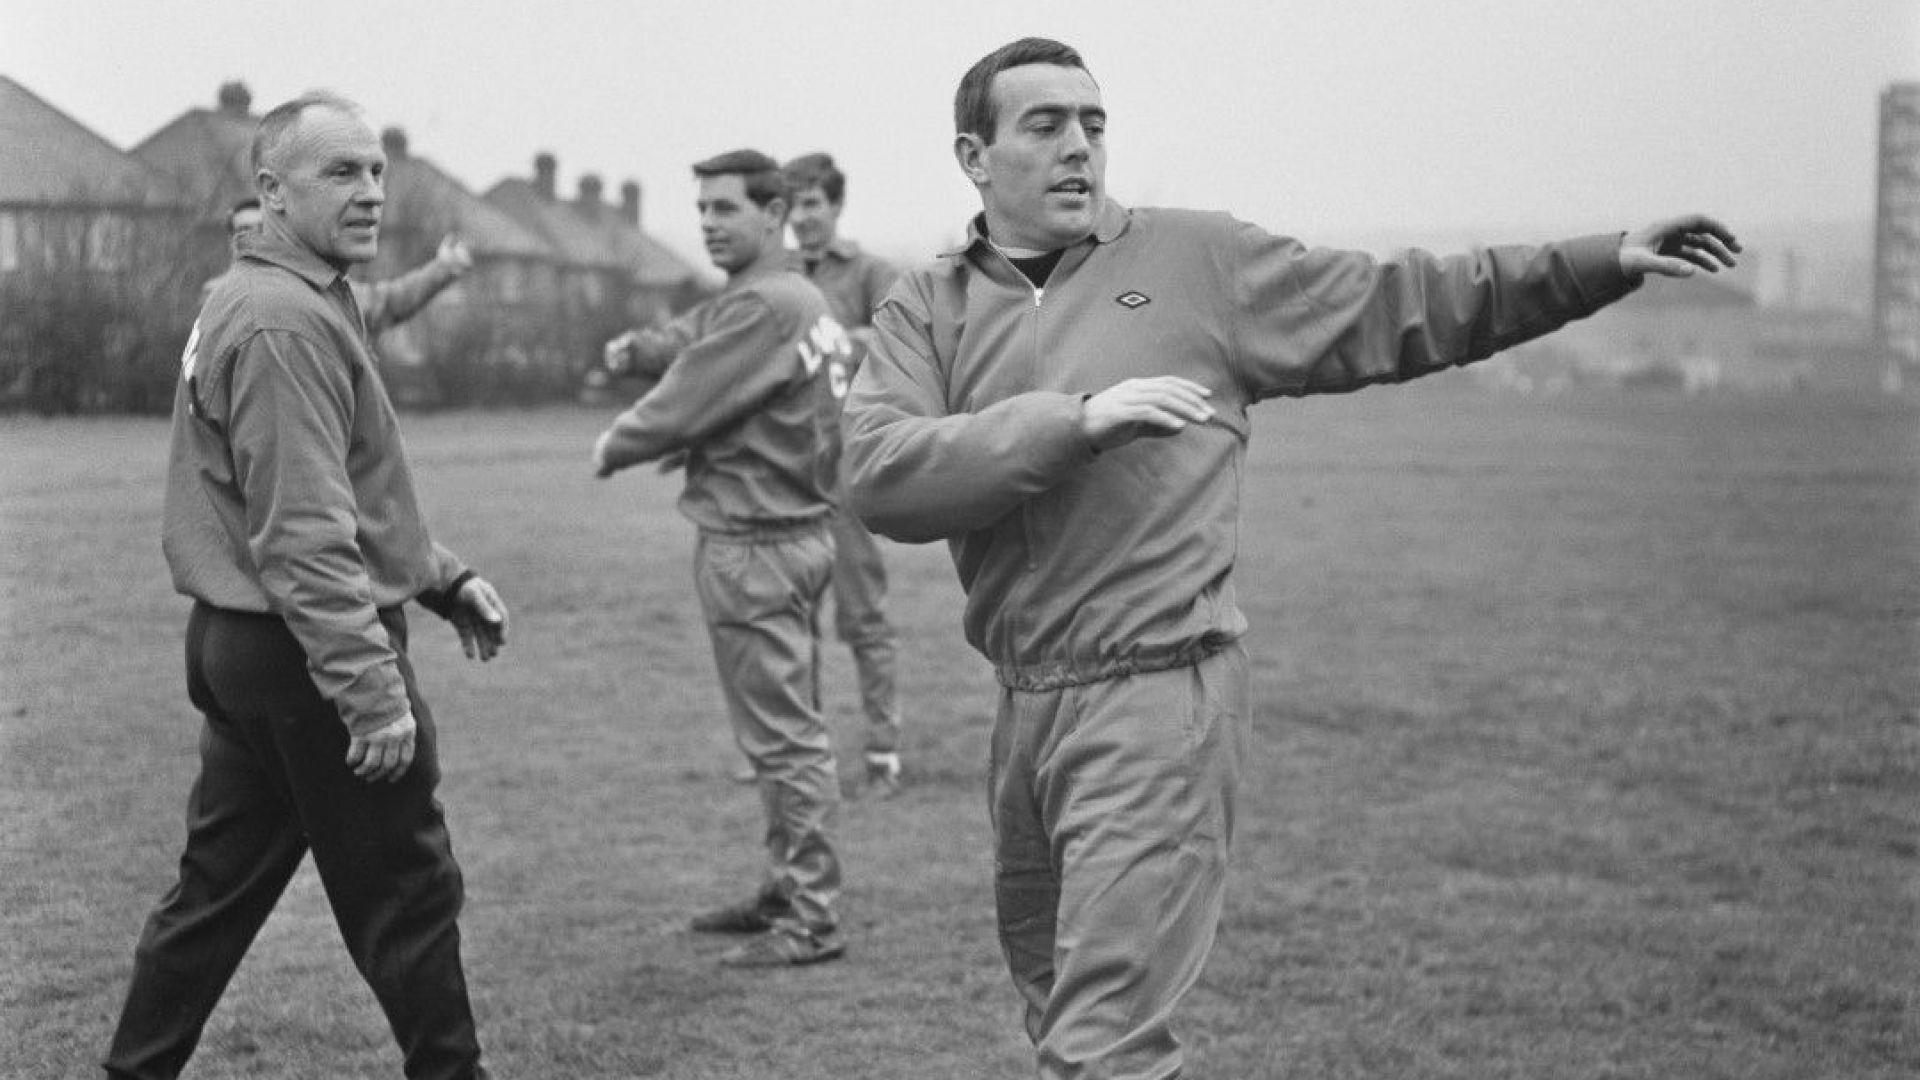 Отиде си Светеца - един от колосите на британския футбол и Ливърпул